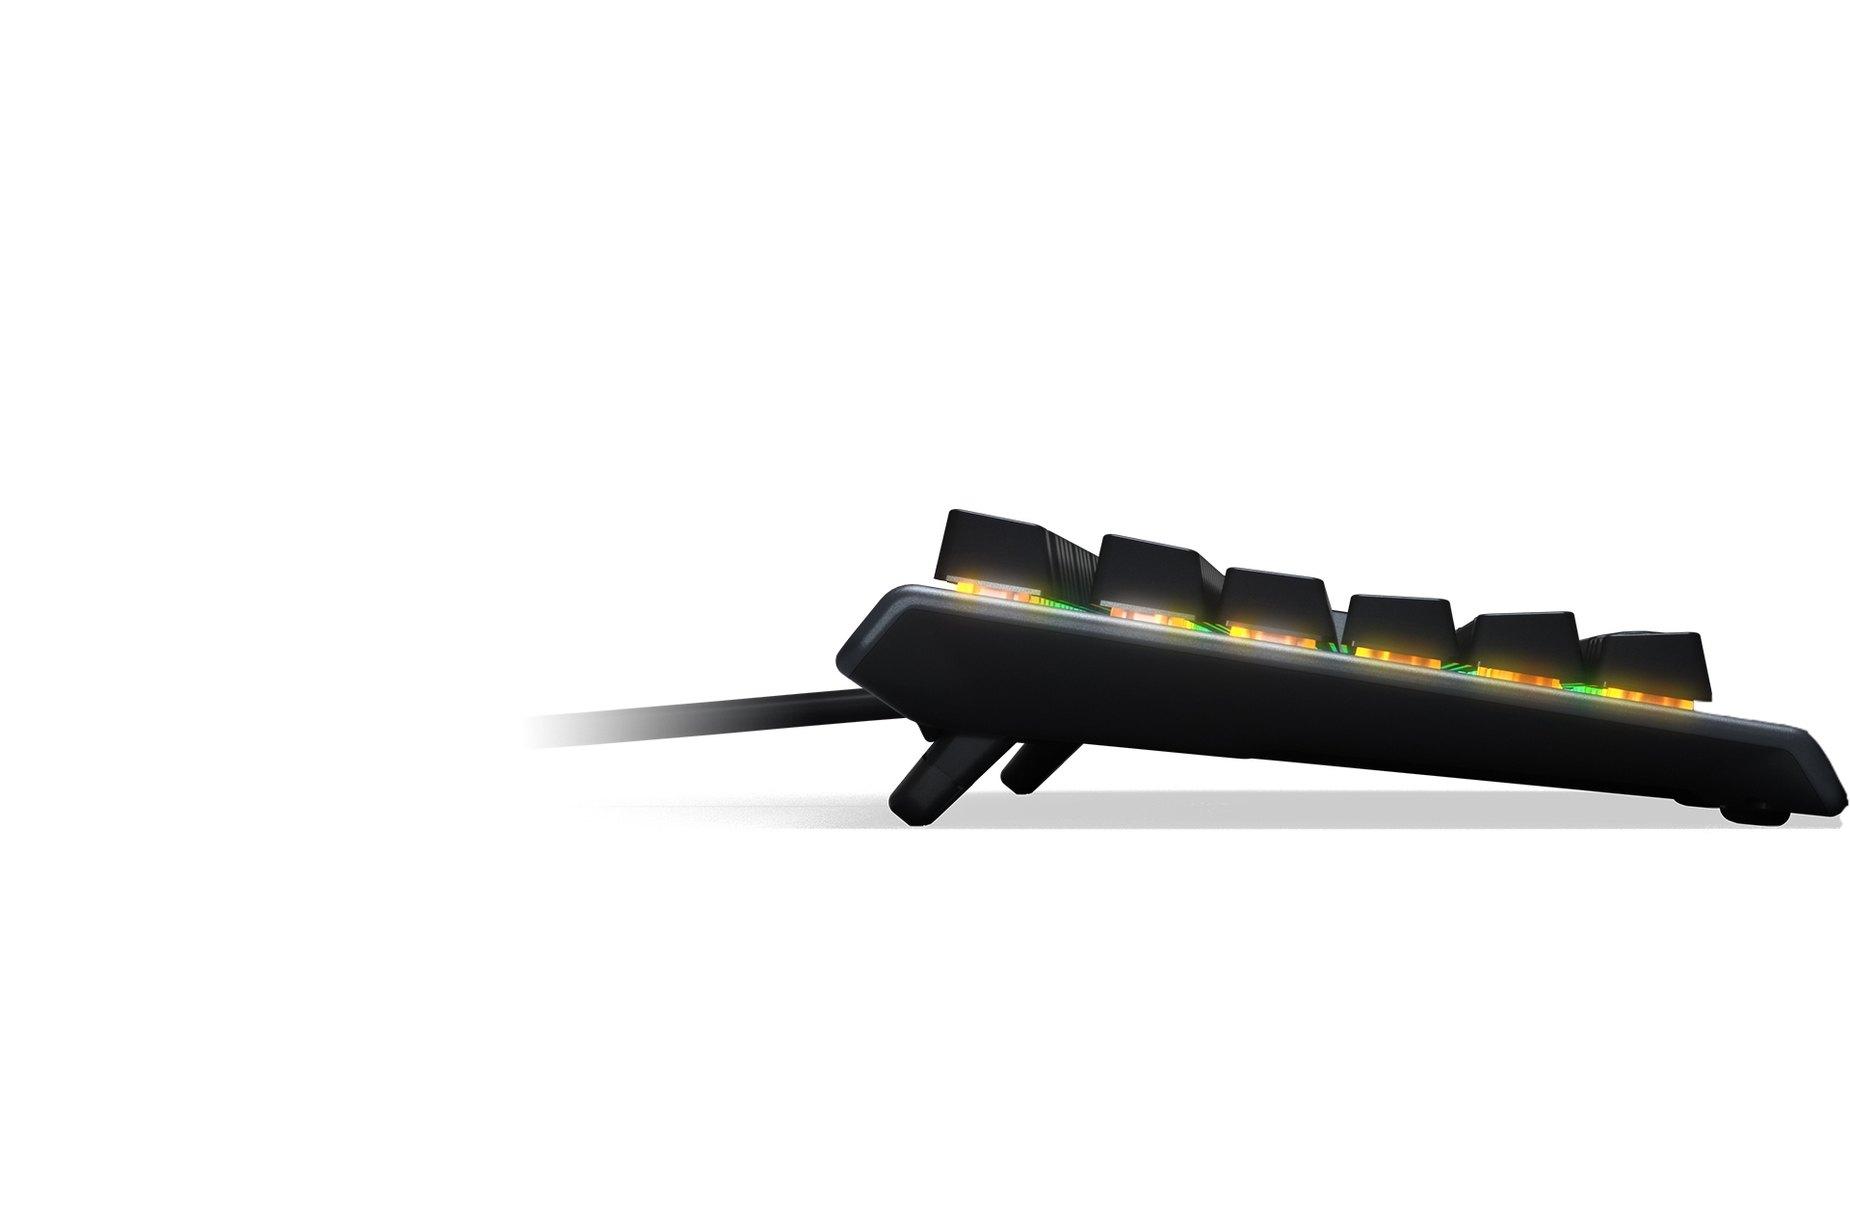 Das schlanke Profil der Apex 3TKL mit kompaktem Design und Anti-Ghosting-Technologie.